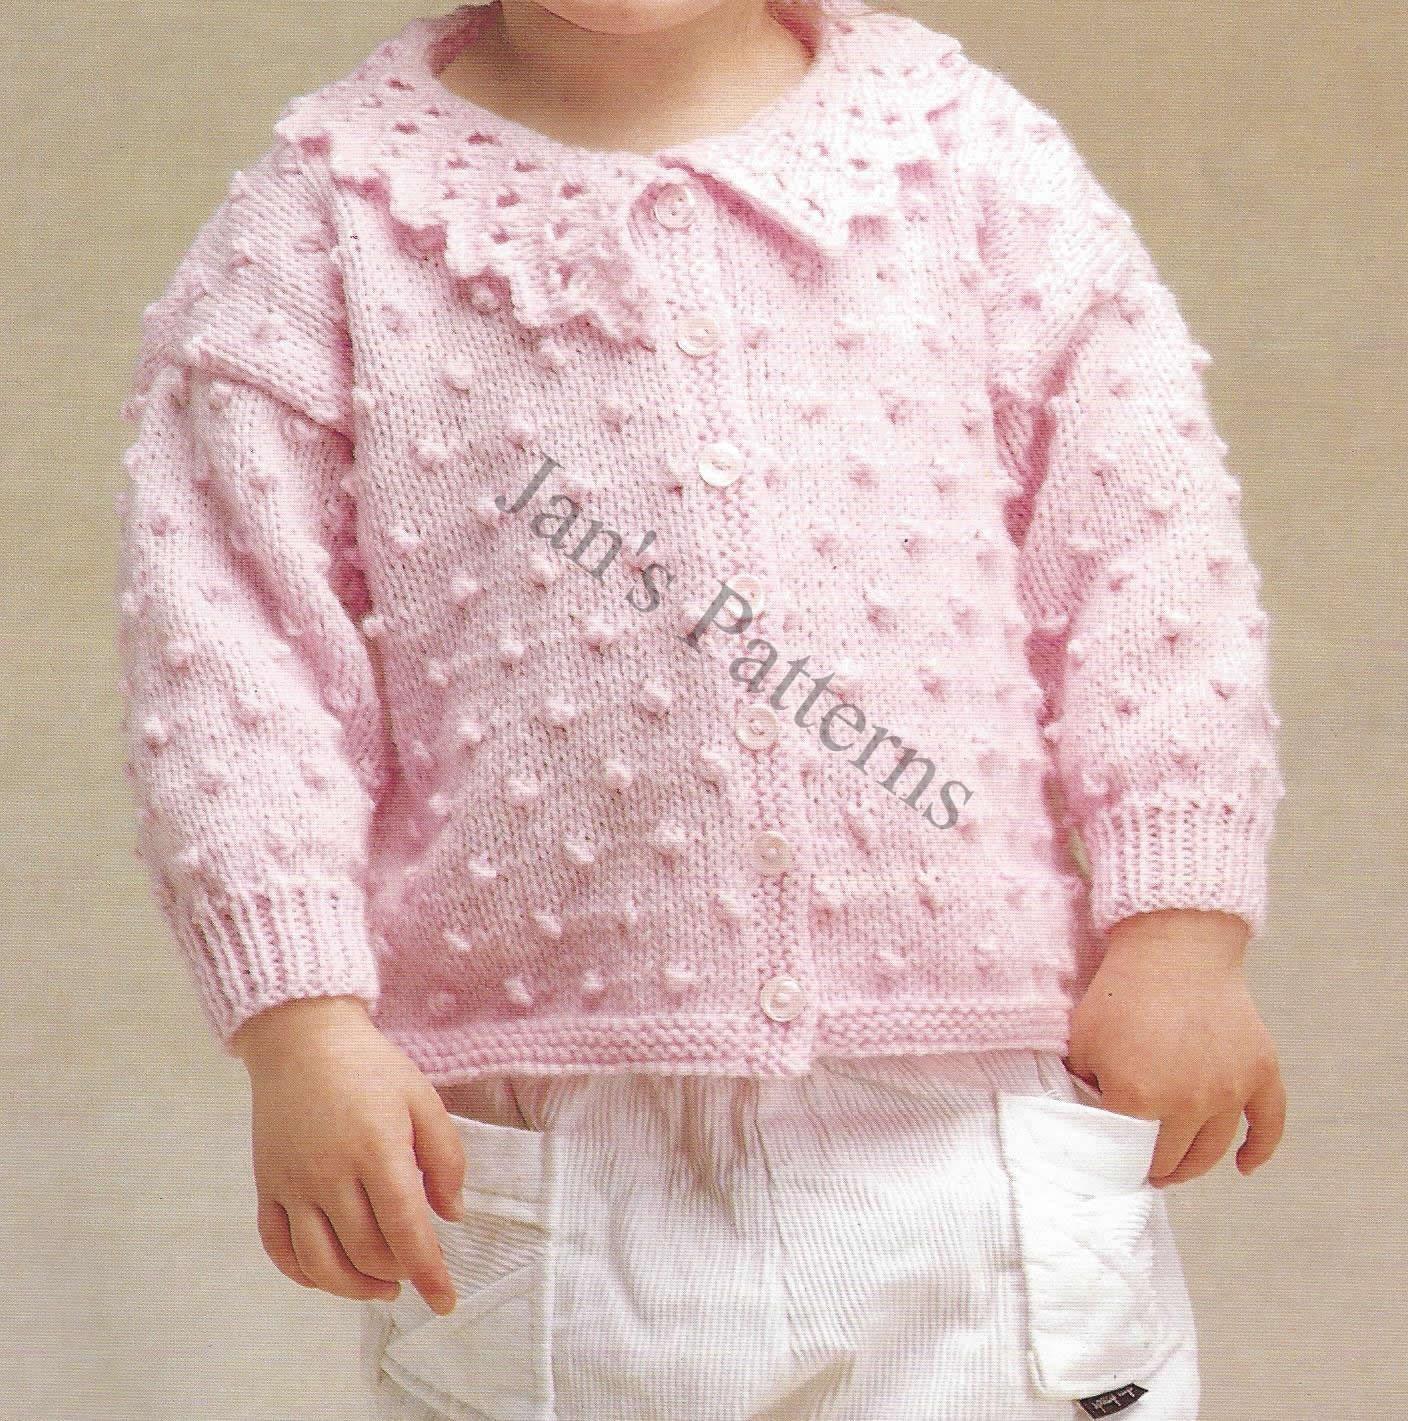 Knitting Pattern For Headbands : Childs Bobble Aran pattern Knitting by knittingpatterns4you